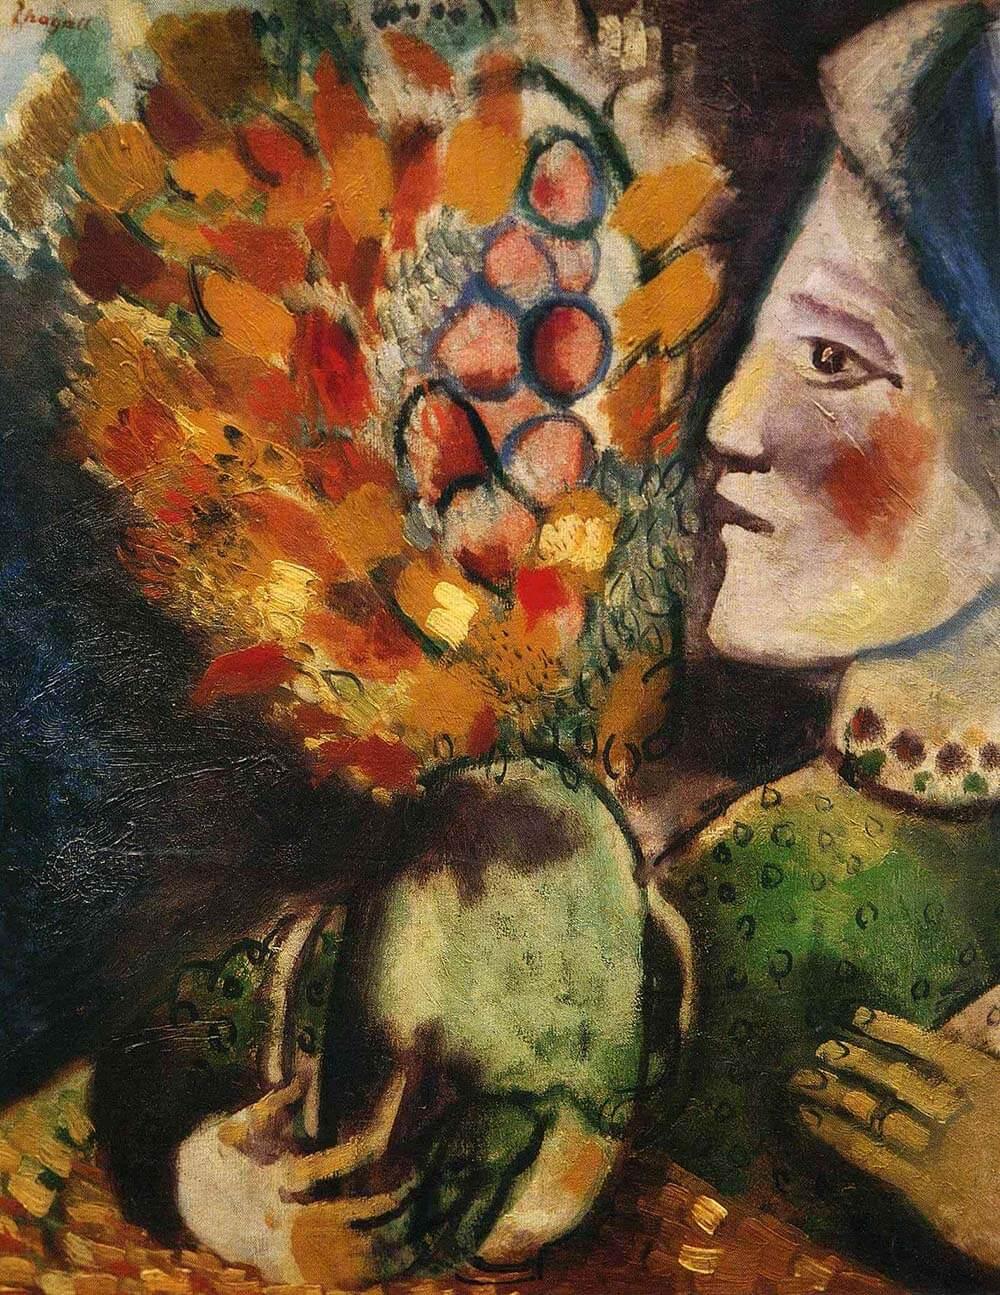 chagall-woman-wtih-a-bouquet.jpg